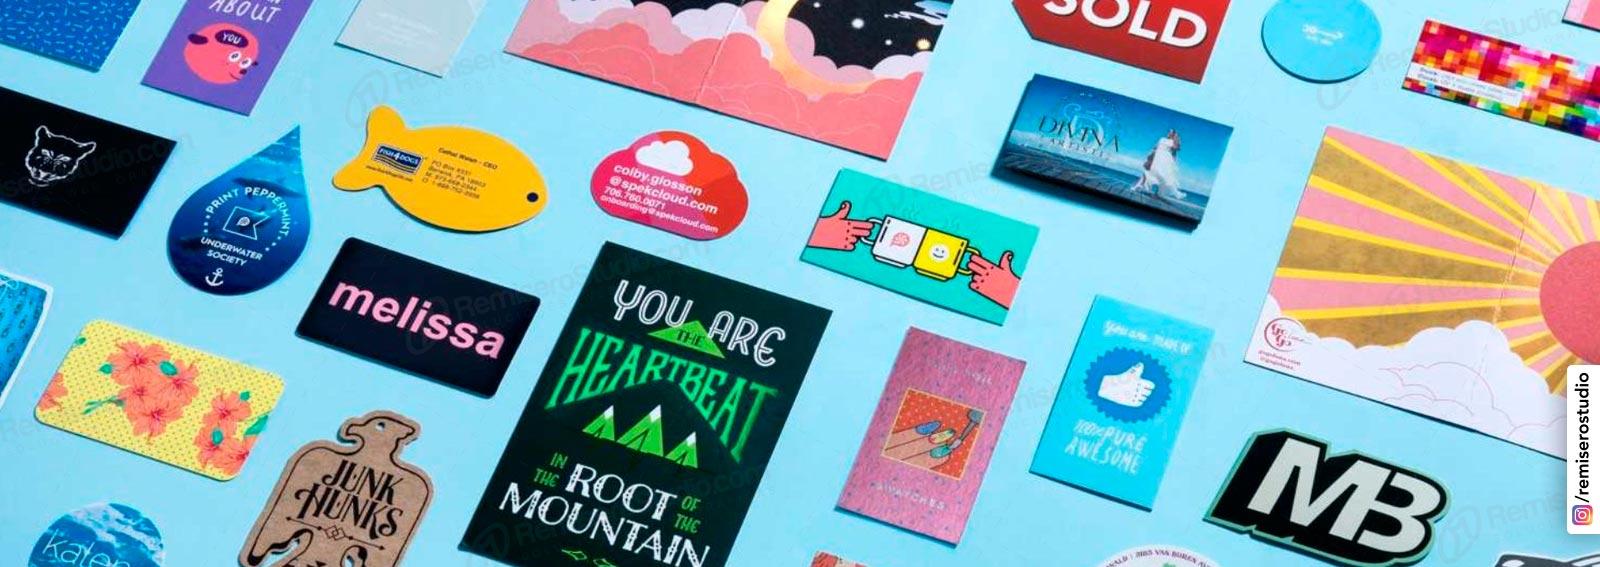 Tarjetas personales con forma o troqueladas, imprime tus tarjetas con forma personalizada segun tu diseño.